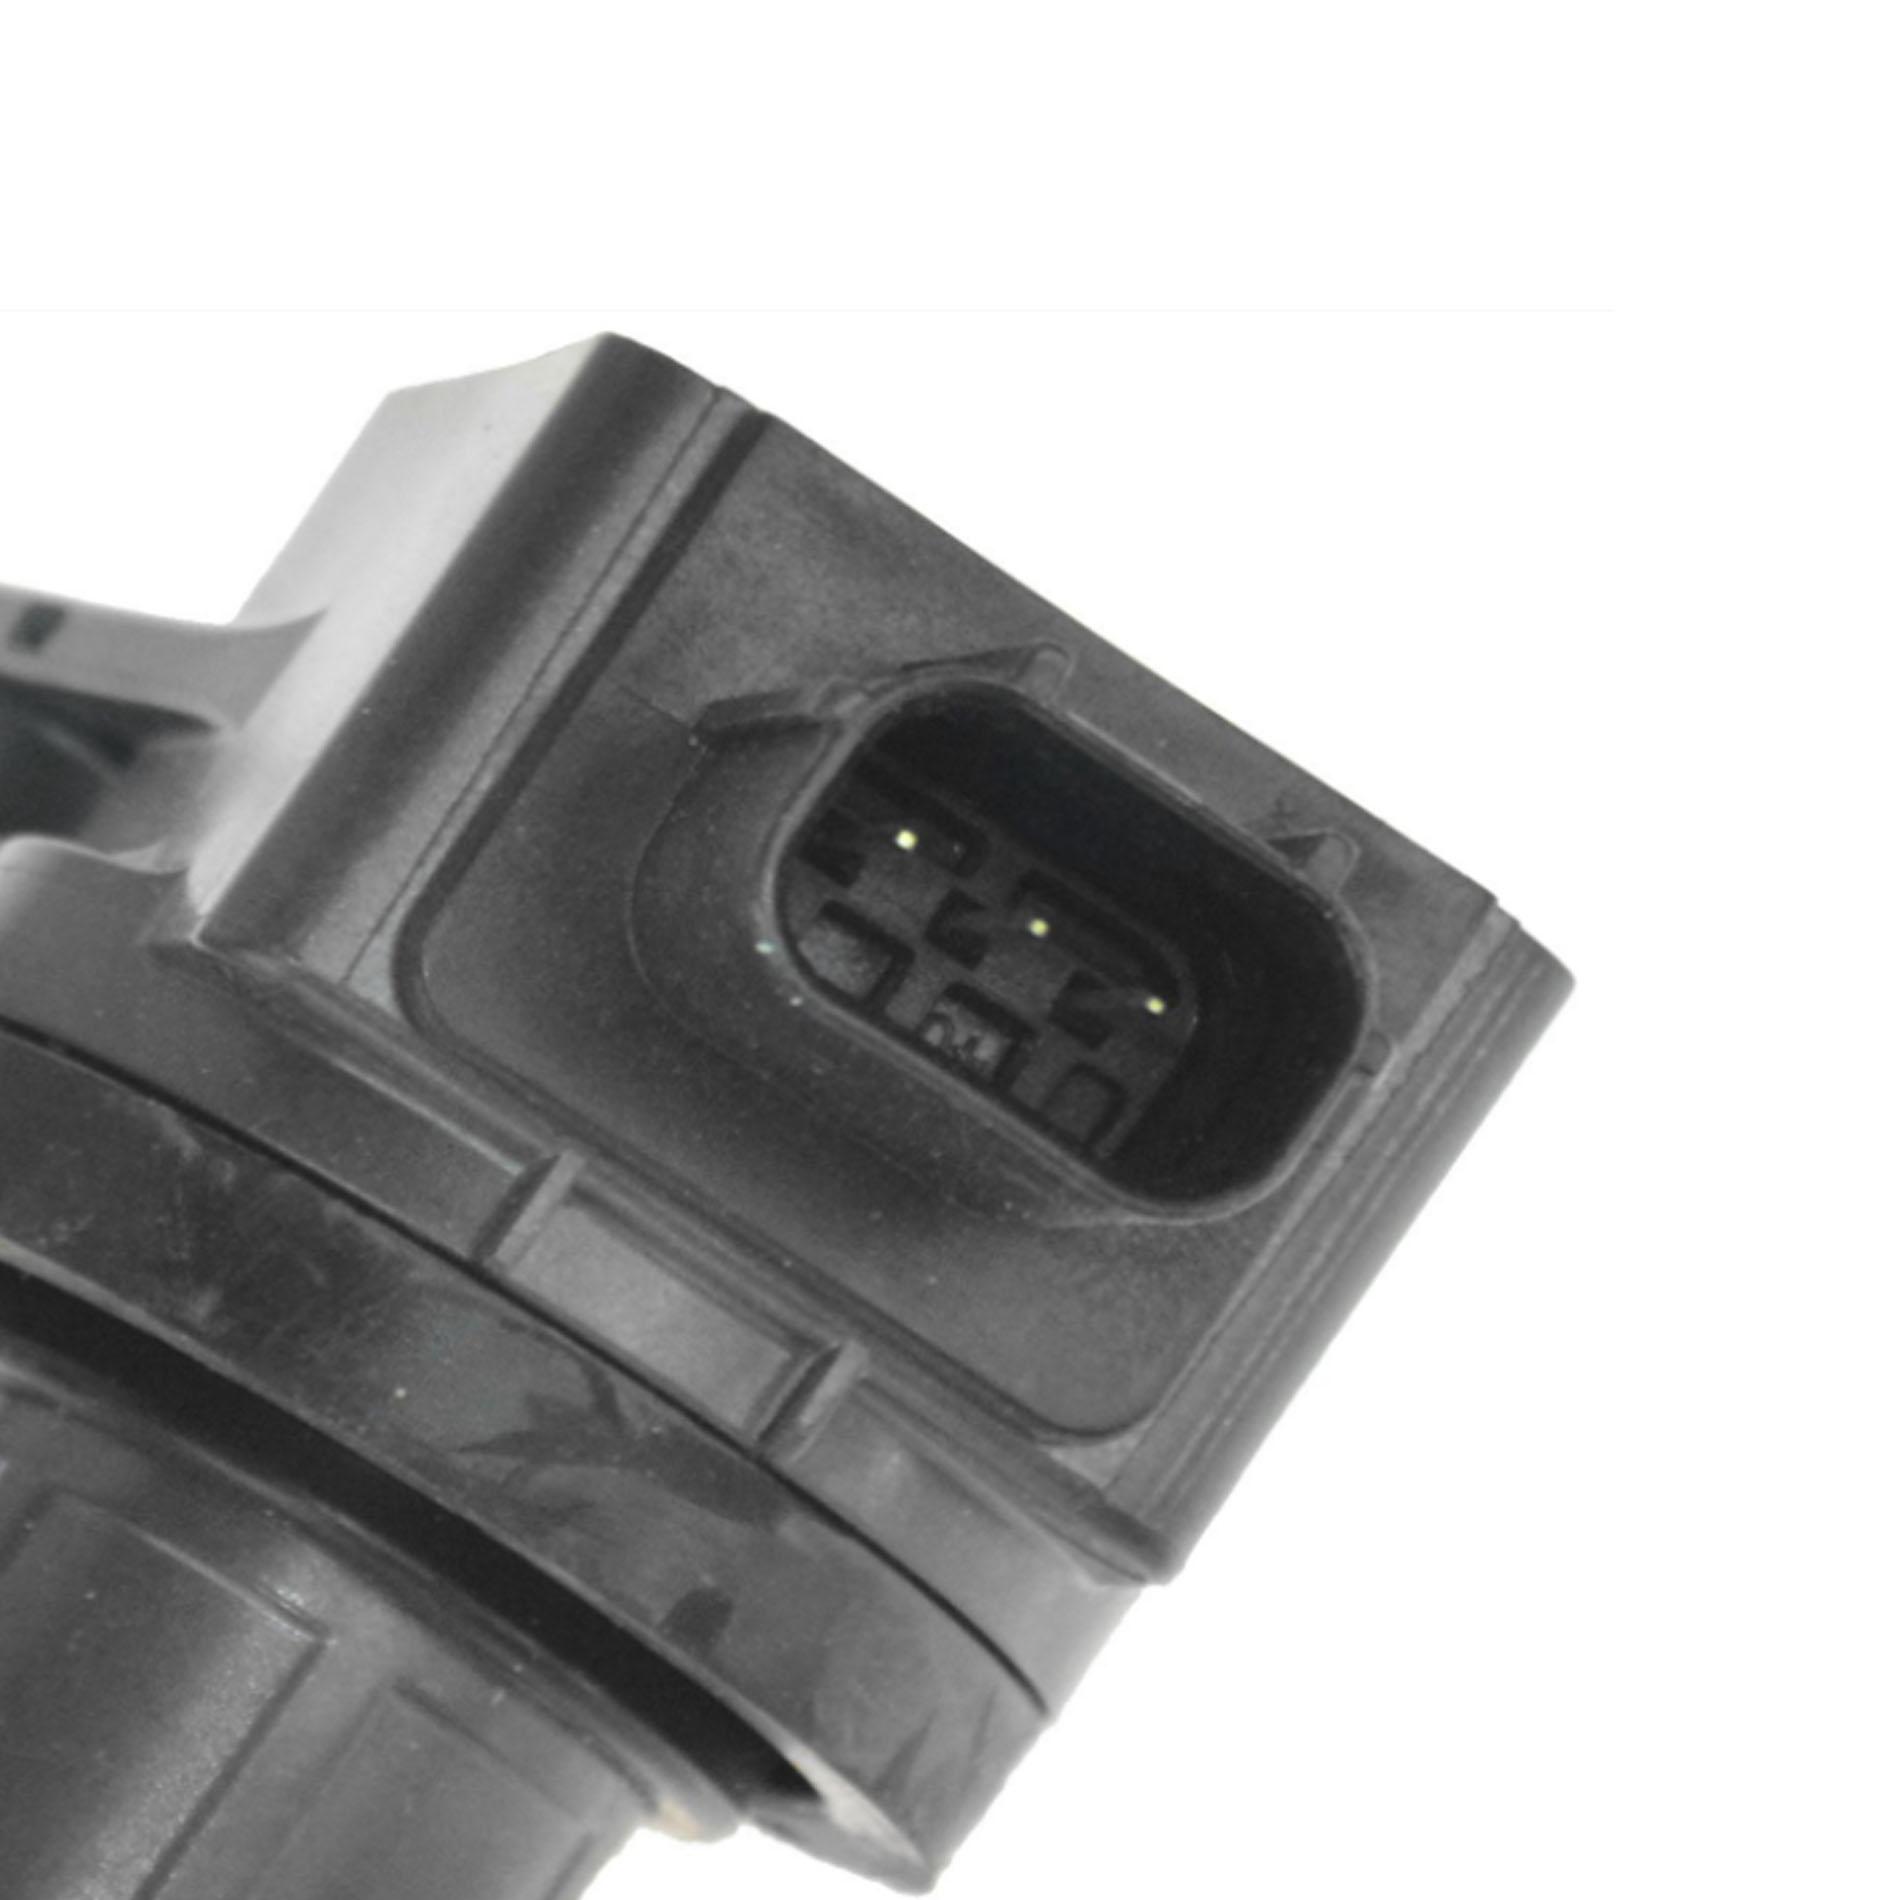 UF602 5C1719 Ignition Coil For 2010-2014 Honda CR-V 2016